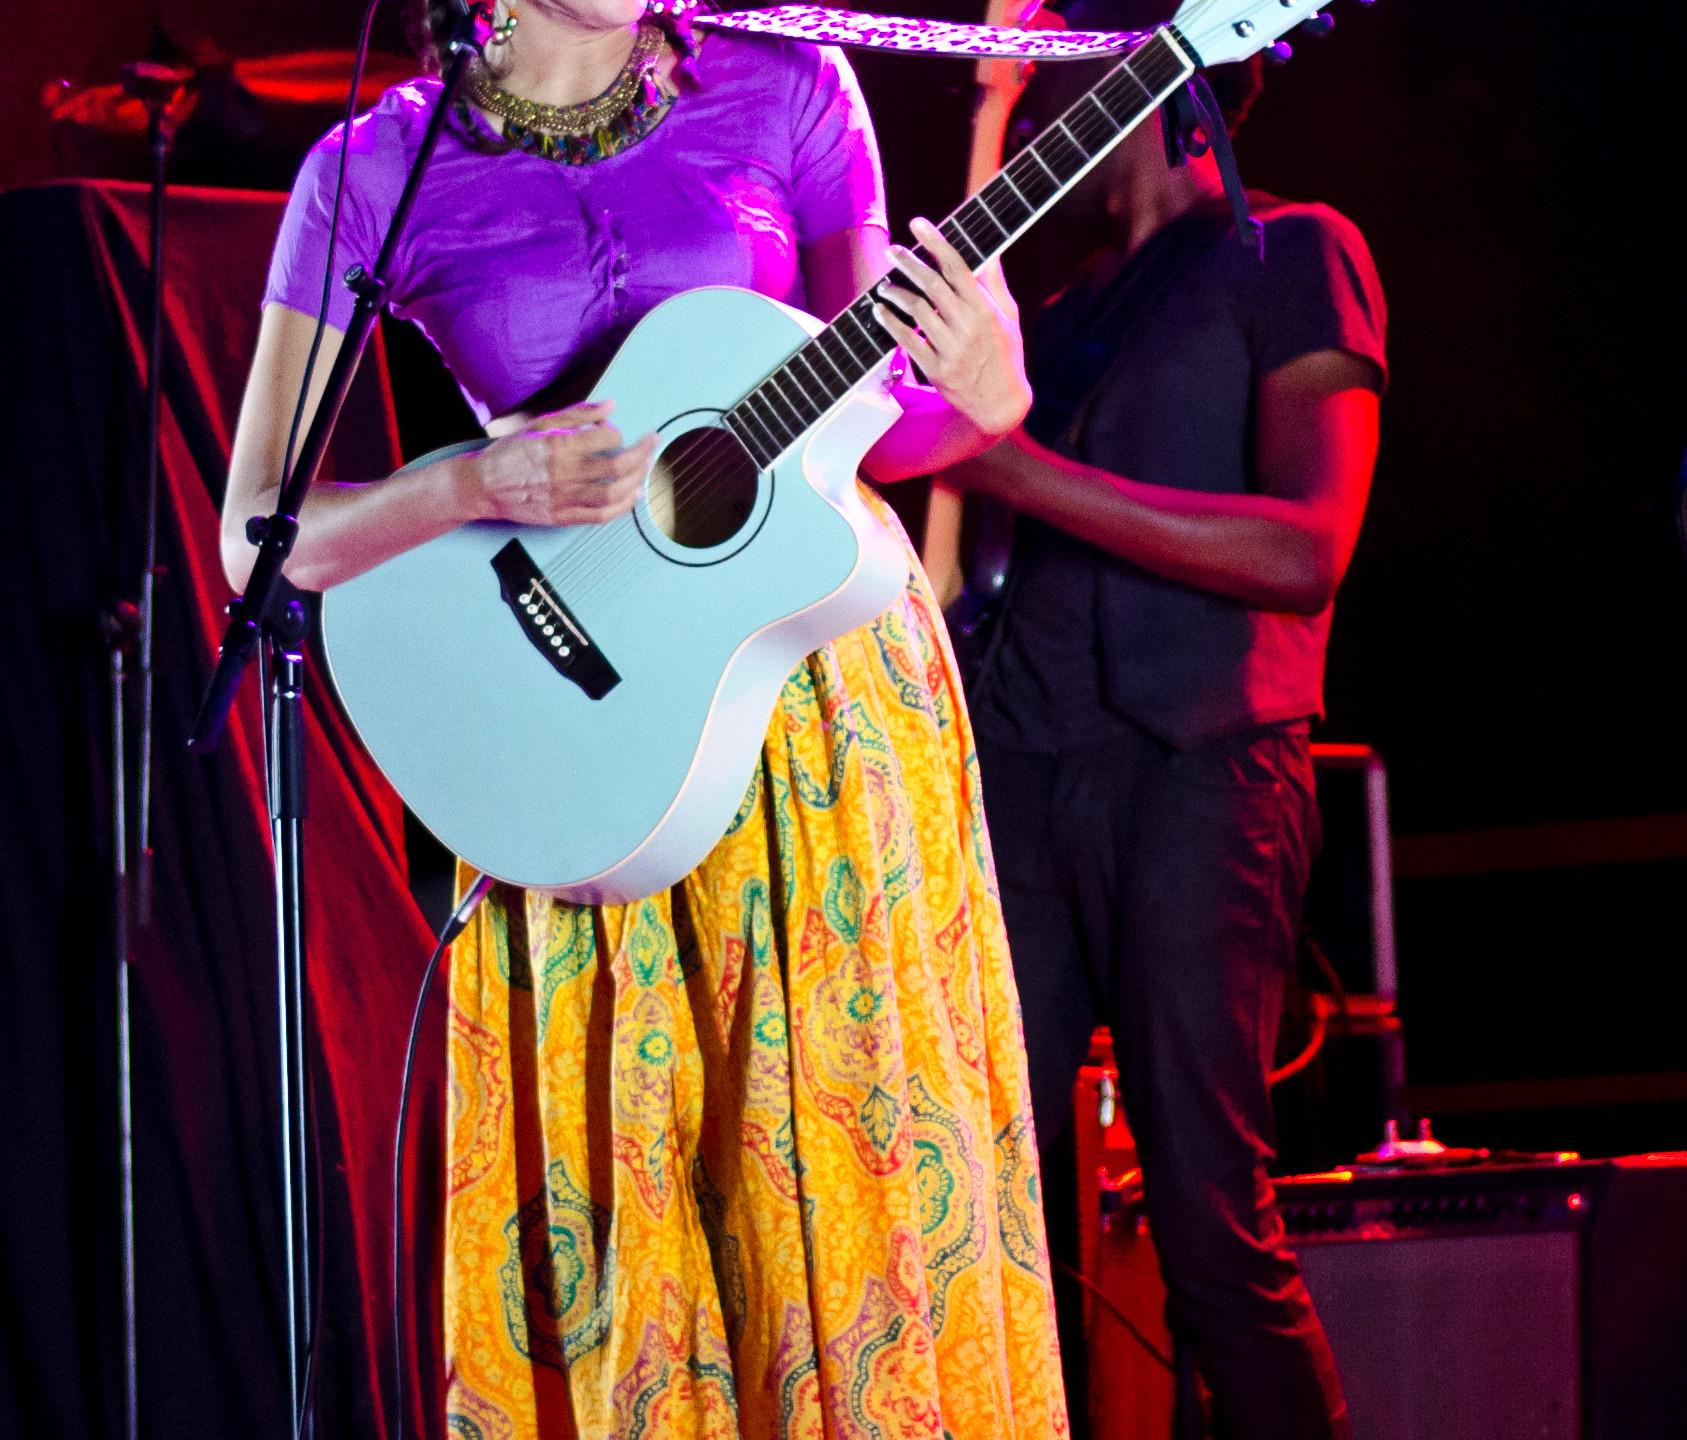 Alysha Brilla KFMF 2016